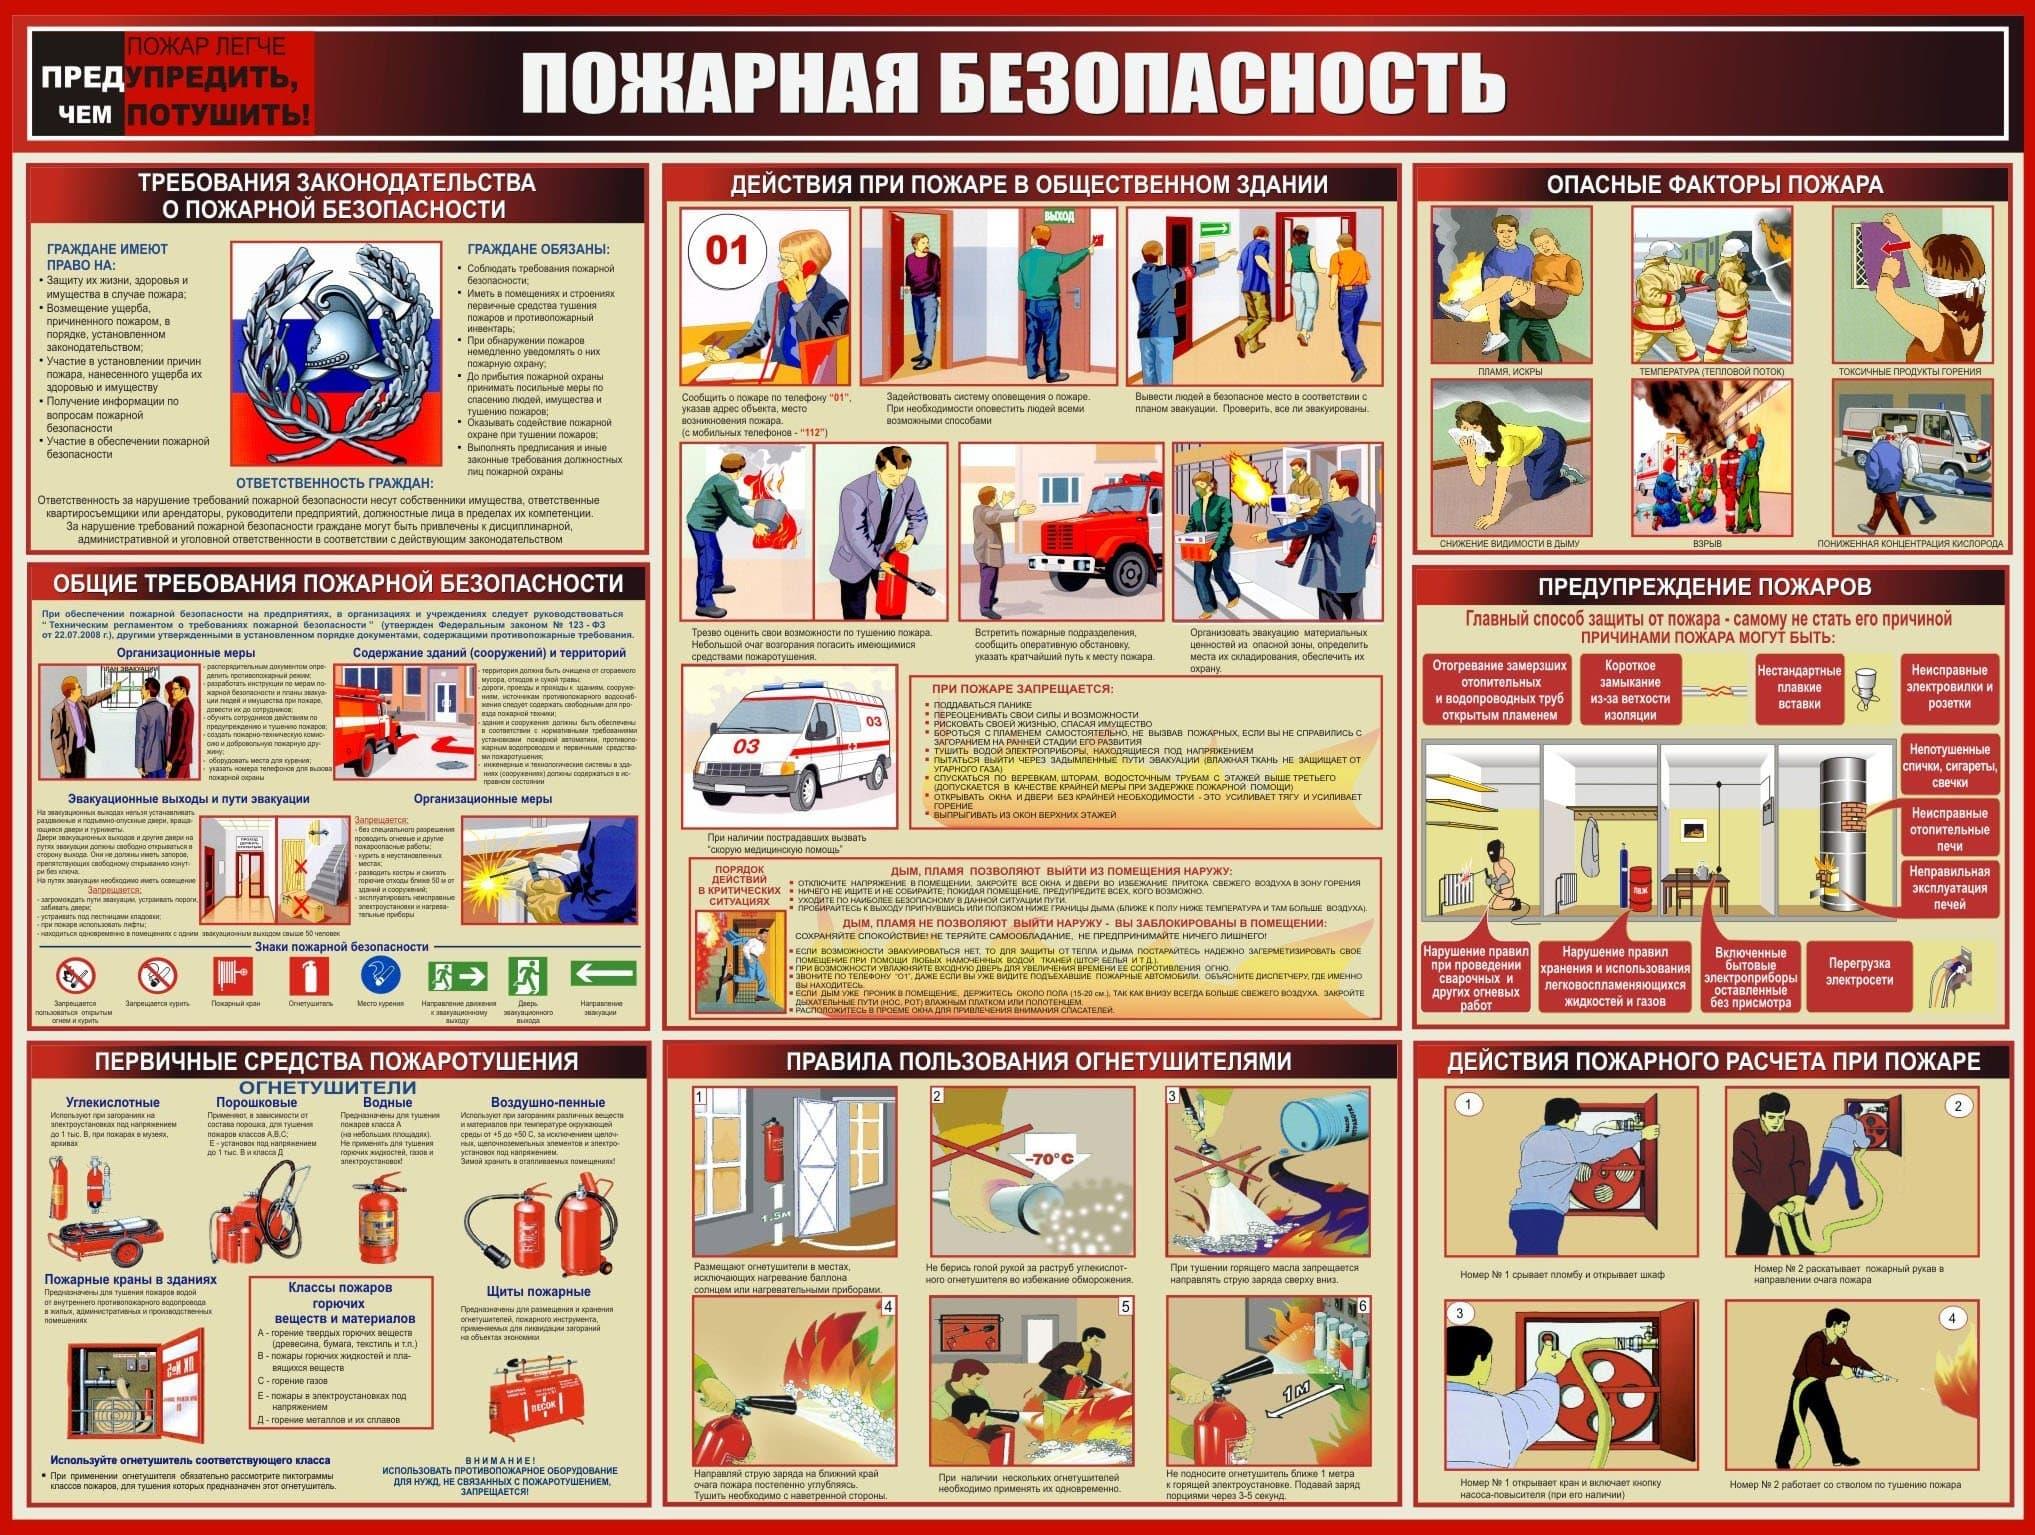 Требования пожарной безопасности к помещениям